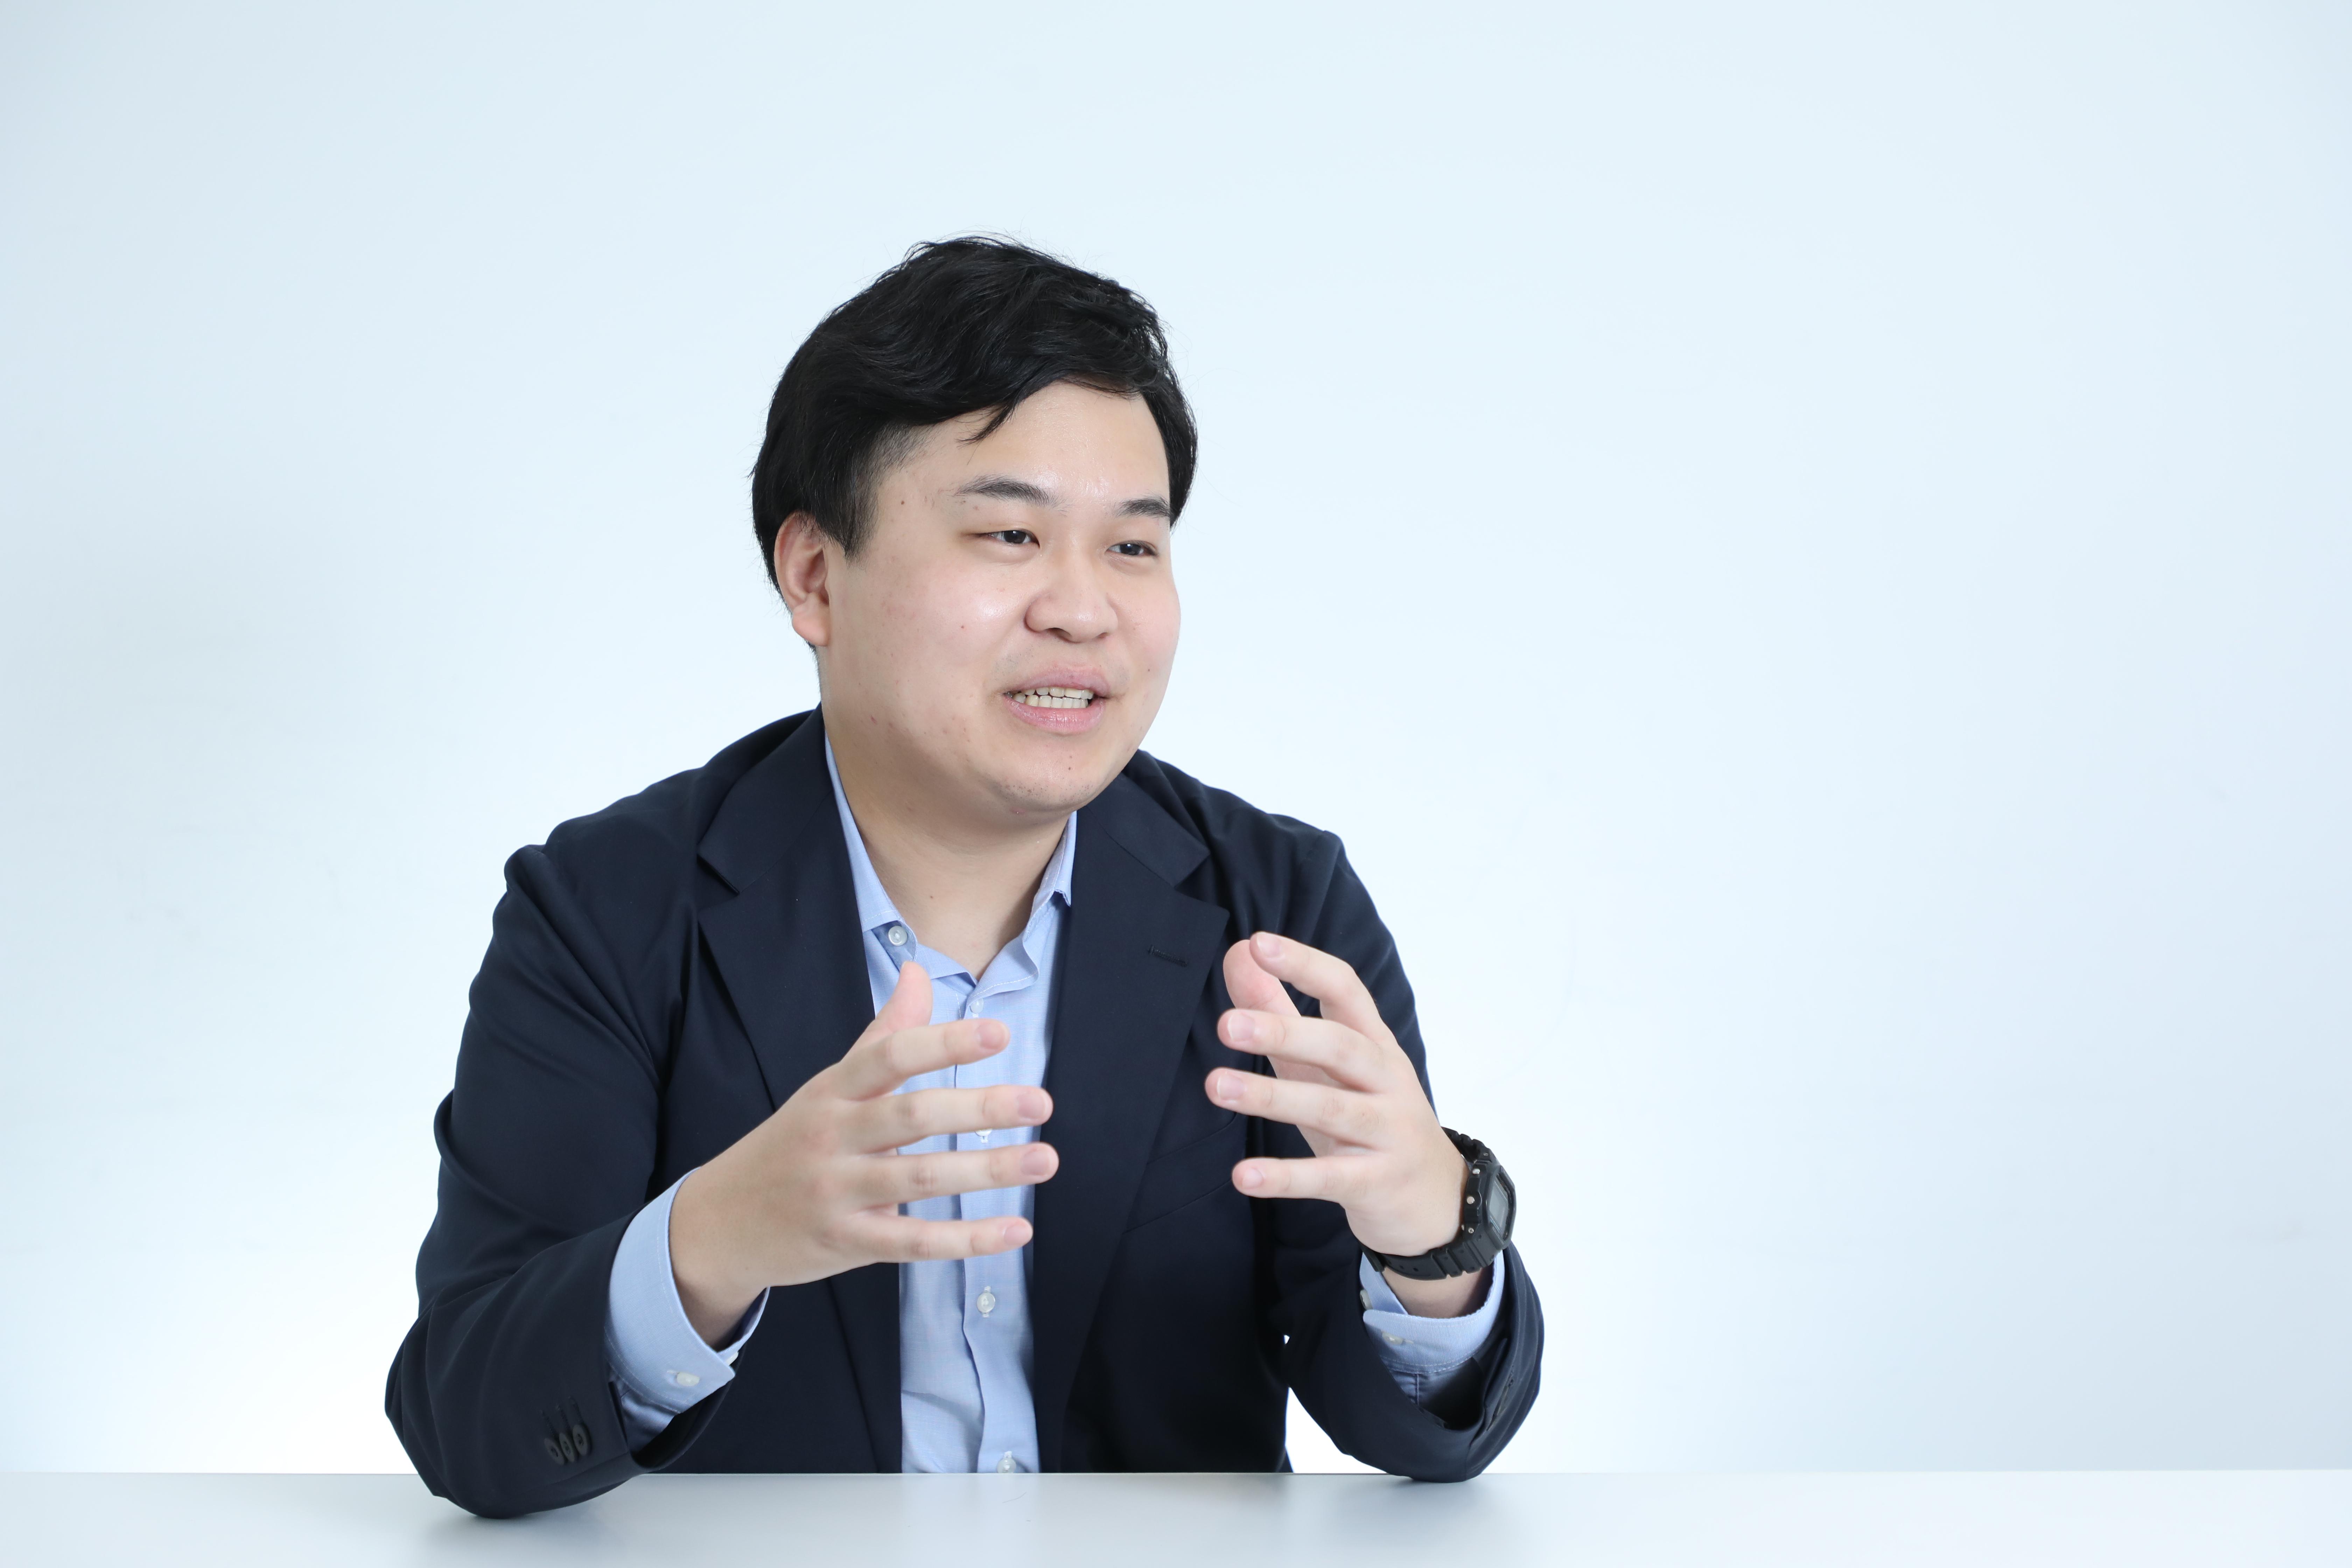 ナイルSEO事例_ナイル株式会社 矢内尚輝氏